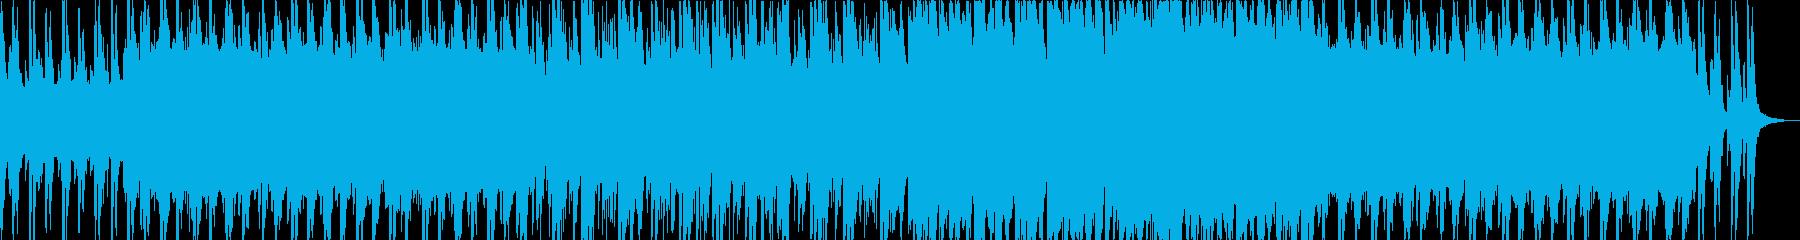 ISLAND三味線響く沖縄や奄美民謡の再生済みの波形